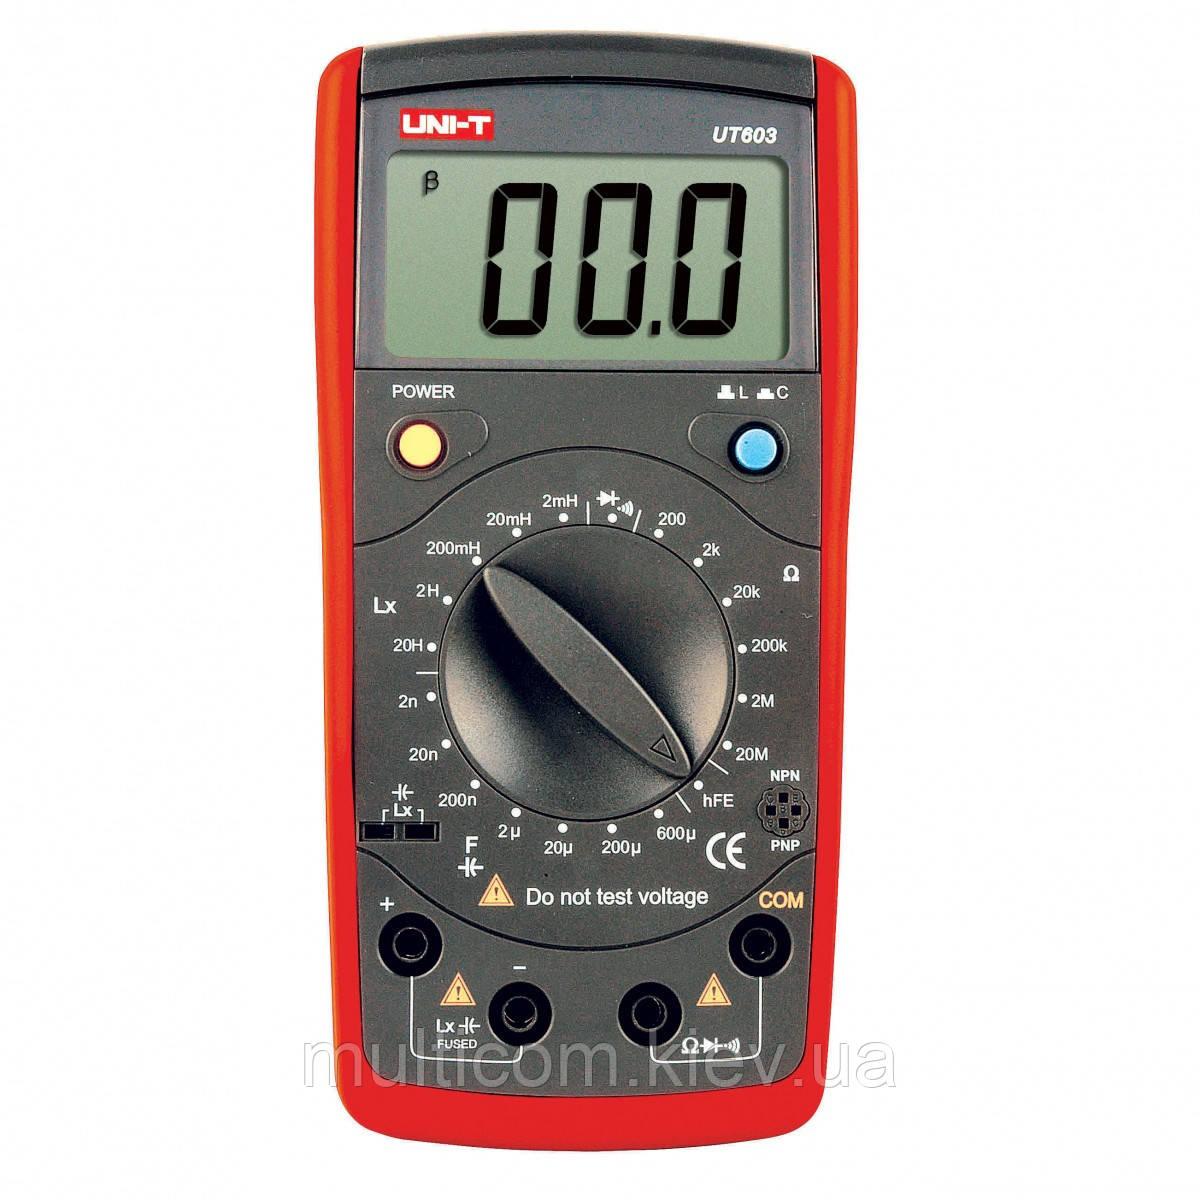 17-05-011. Мультиметр сопротивления и индуктивности UNI-T UT-603